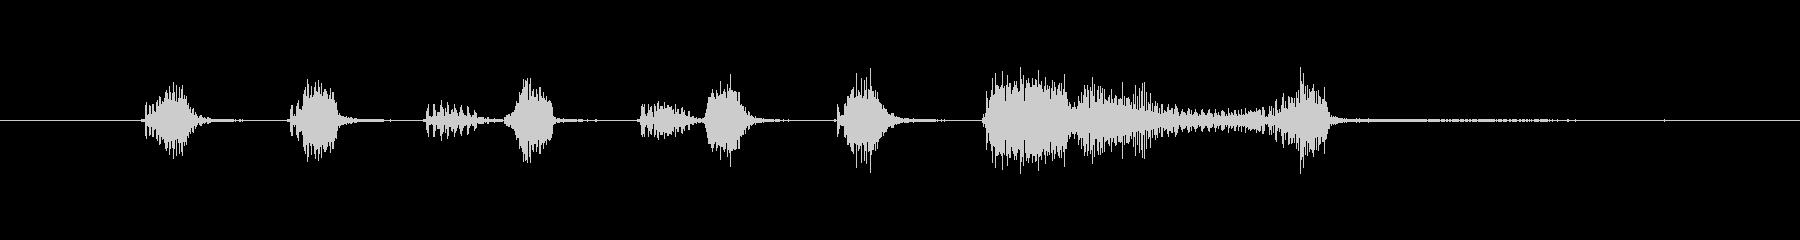 ホーンジングルアイキャッチの未再生の波形